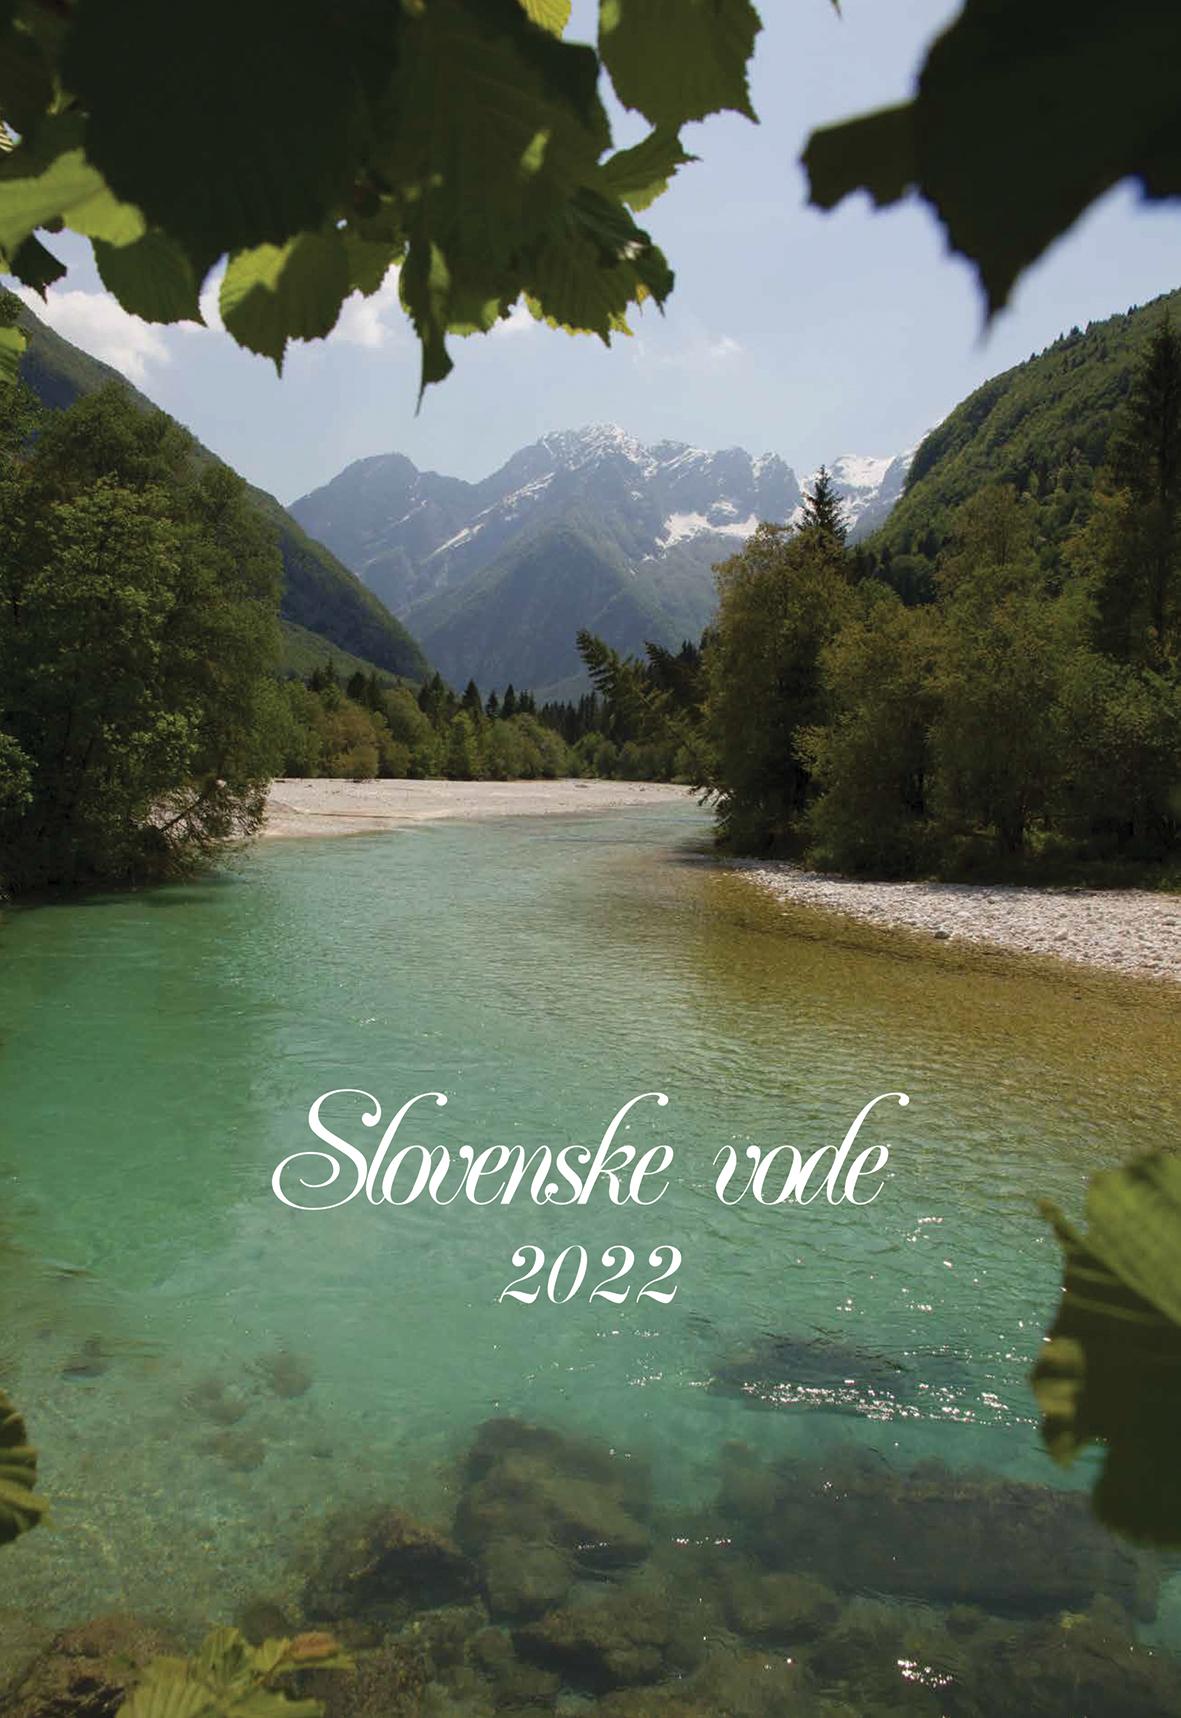 SLOVENSKE VODE